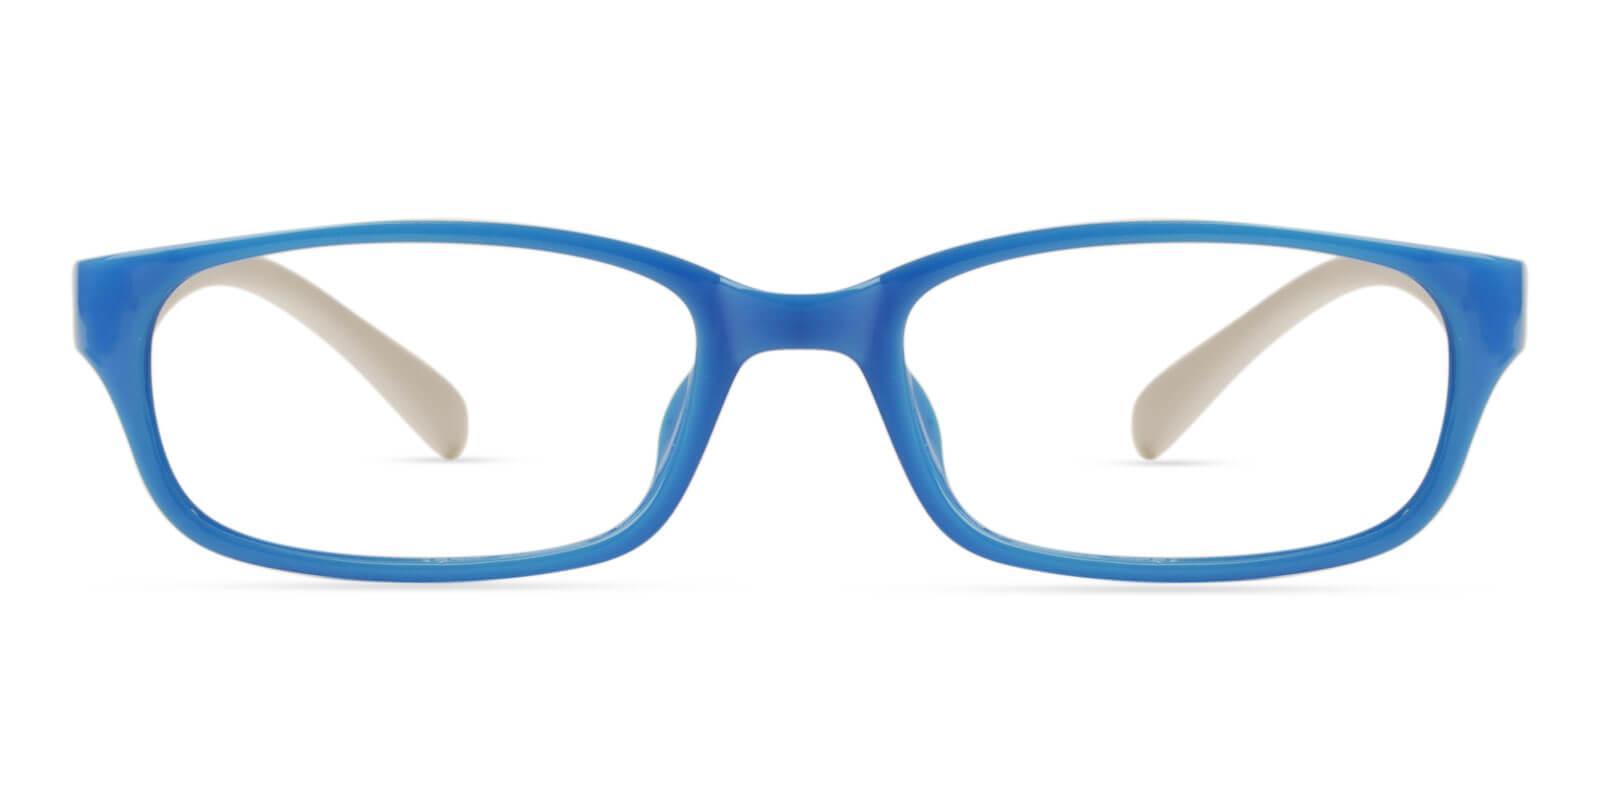 Kids-Phoebe Blue TR Eyeglasses , Lightweight , UniversalBridgeFit Frames from ABBE Glasses